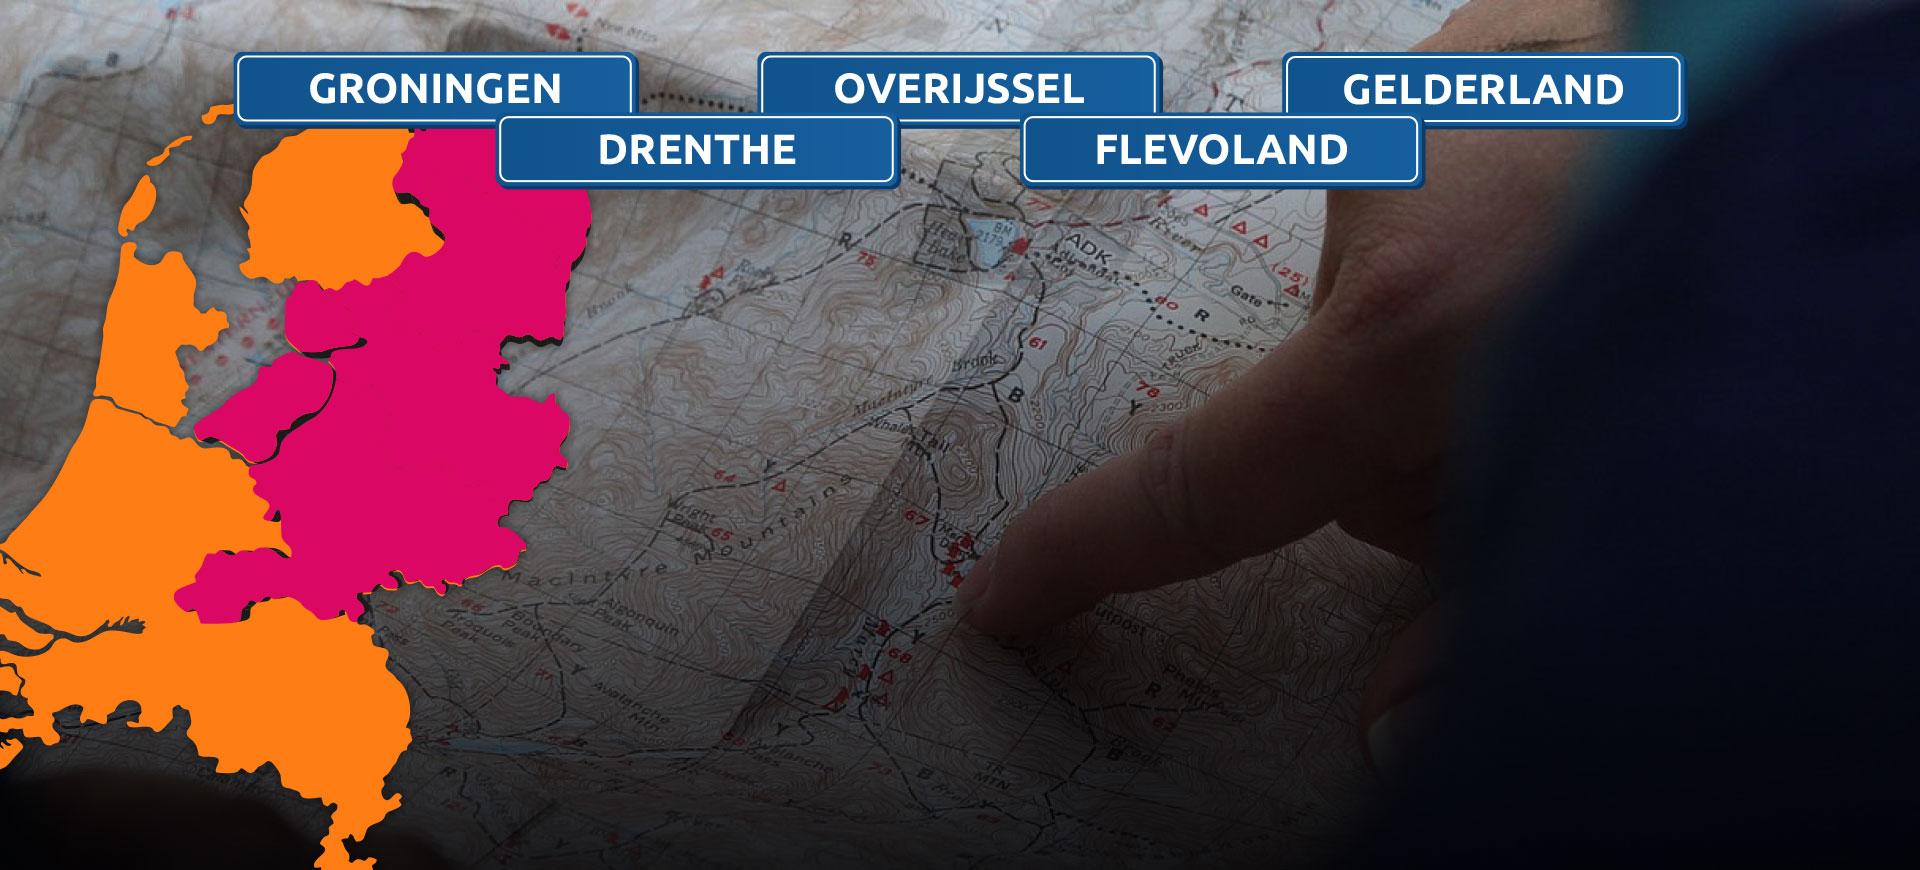 bres groningen drenthe overijssel flevoland gelderland